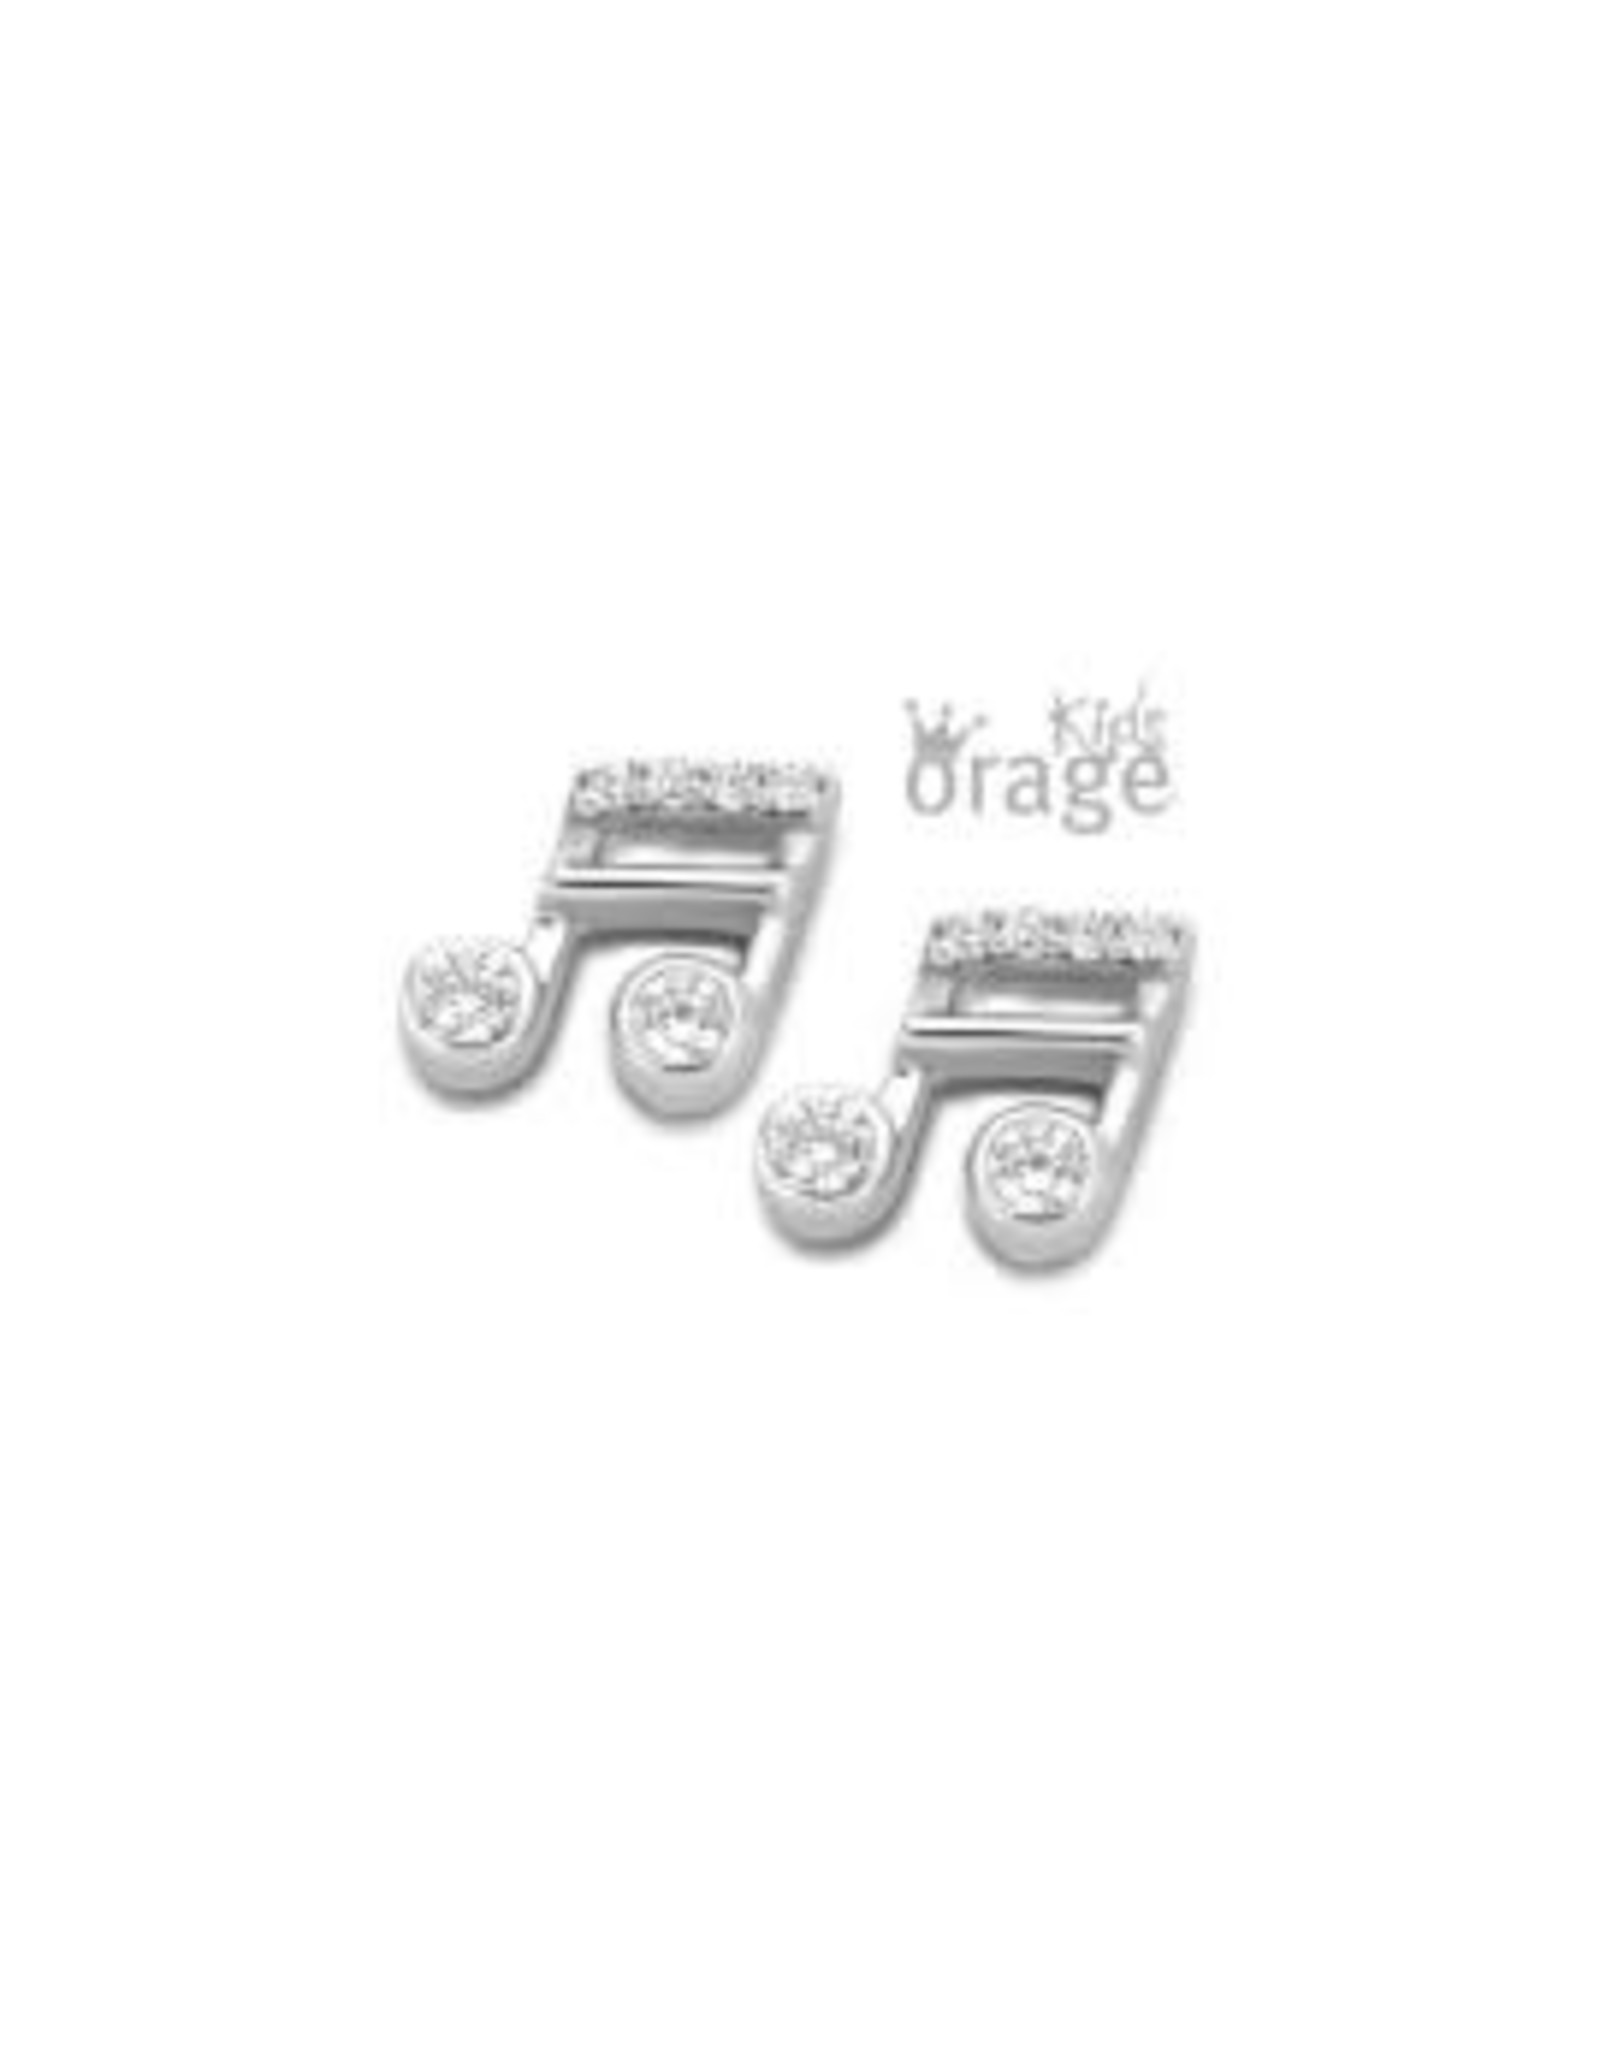 Orage Kids Oorbellen Orage Kids K2176 Muzieknoot Zilver